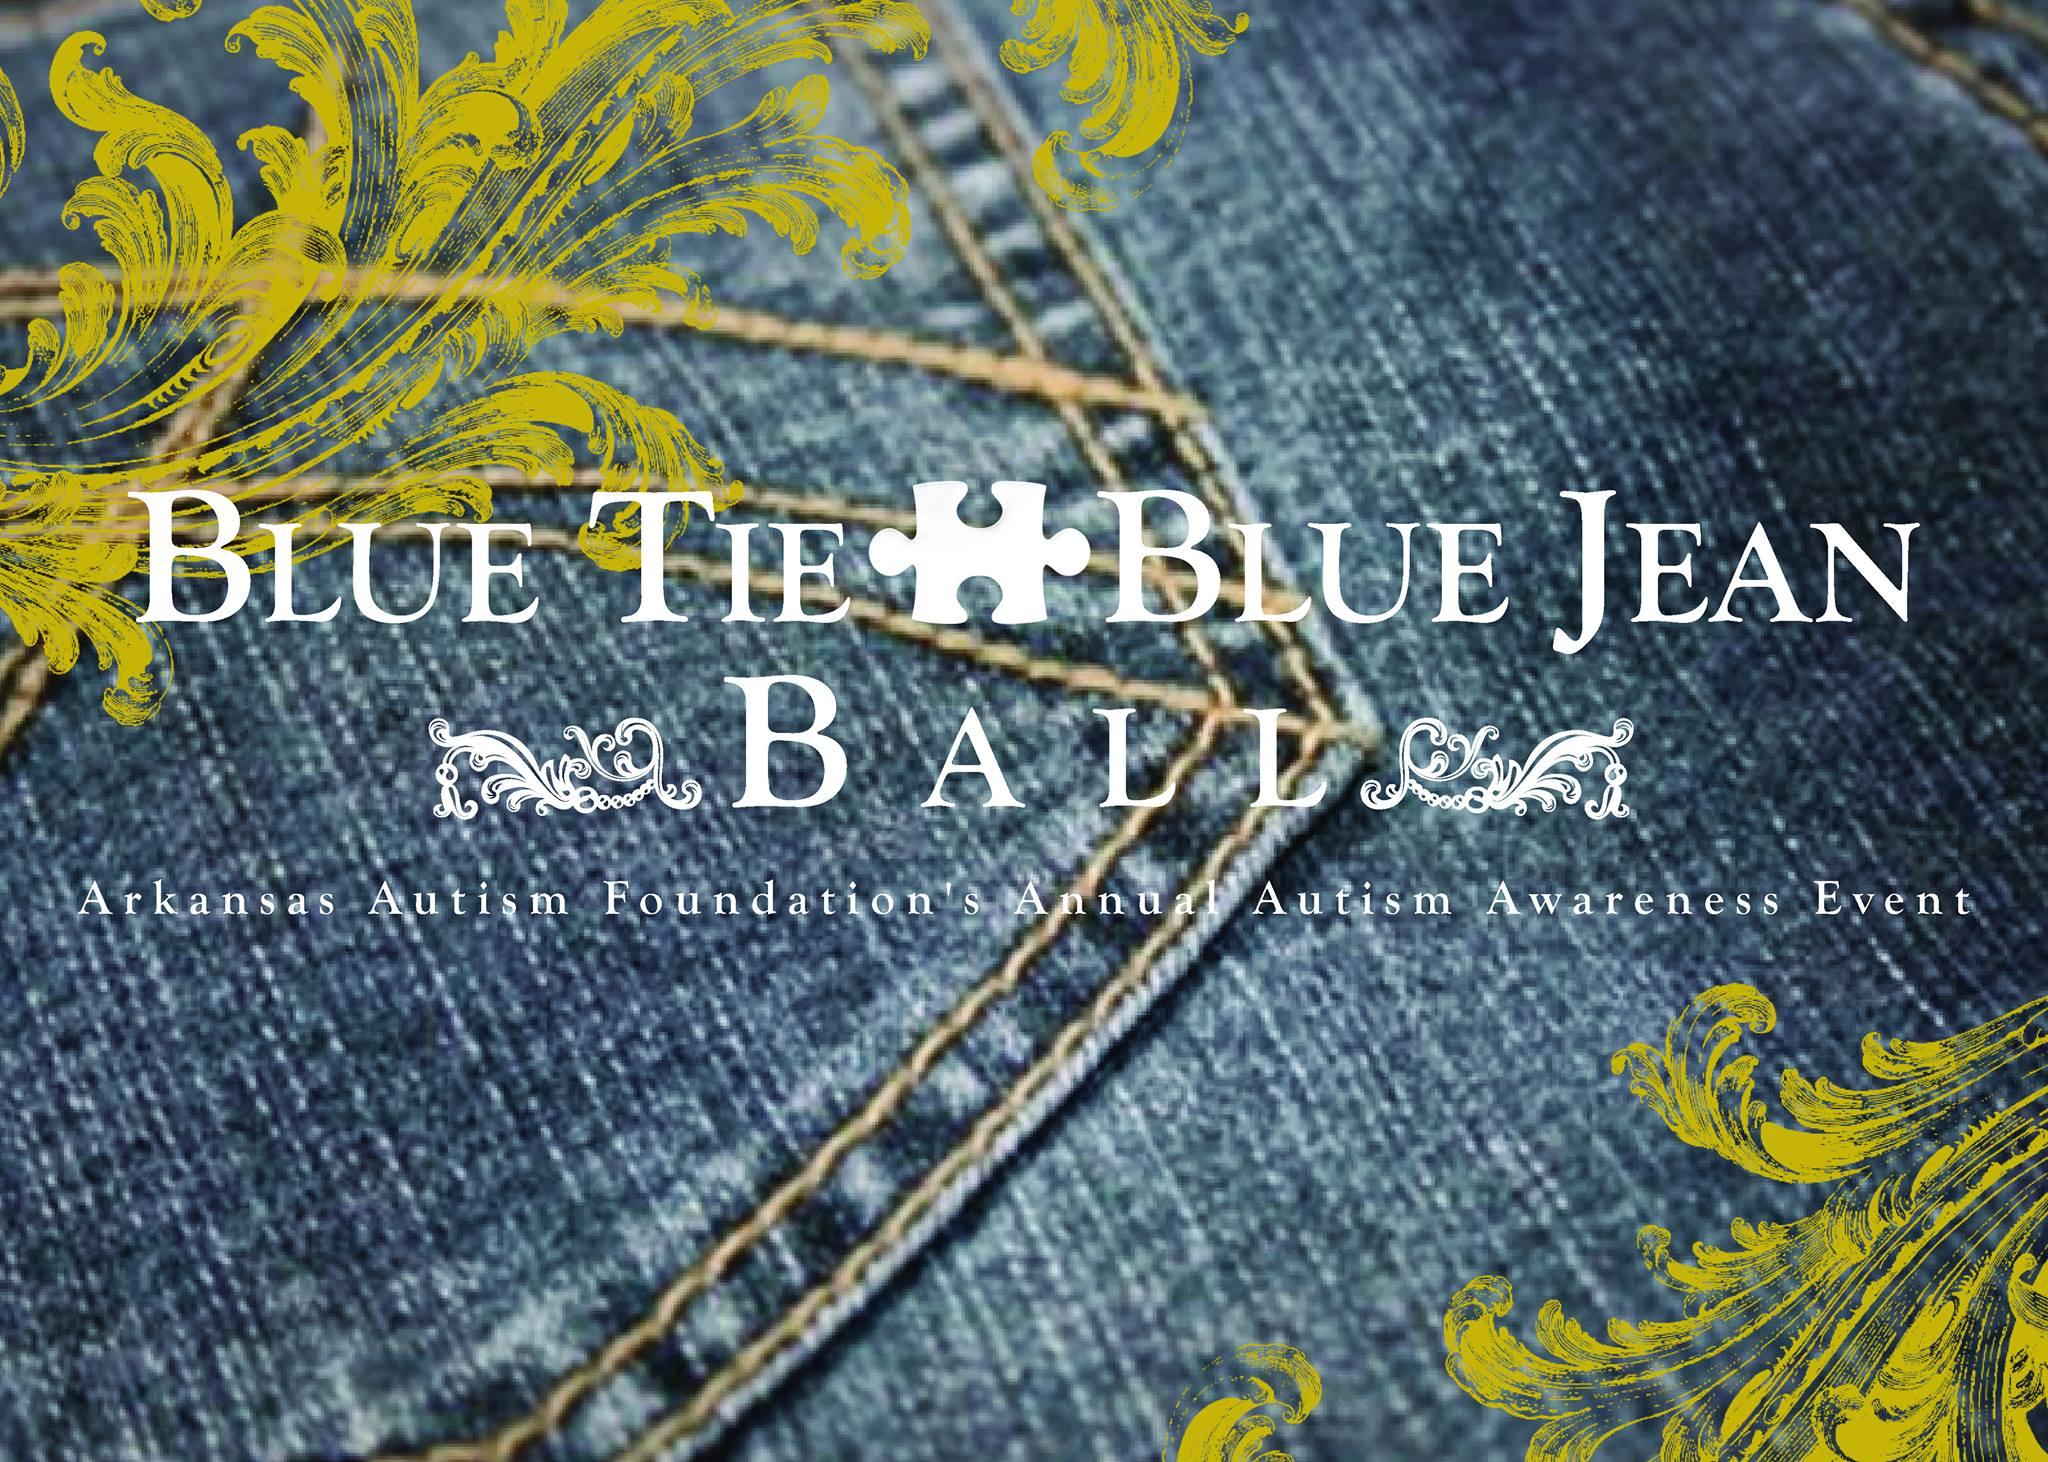 Blue Tie Blue Jean Ball